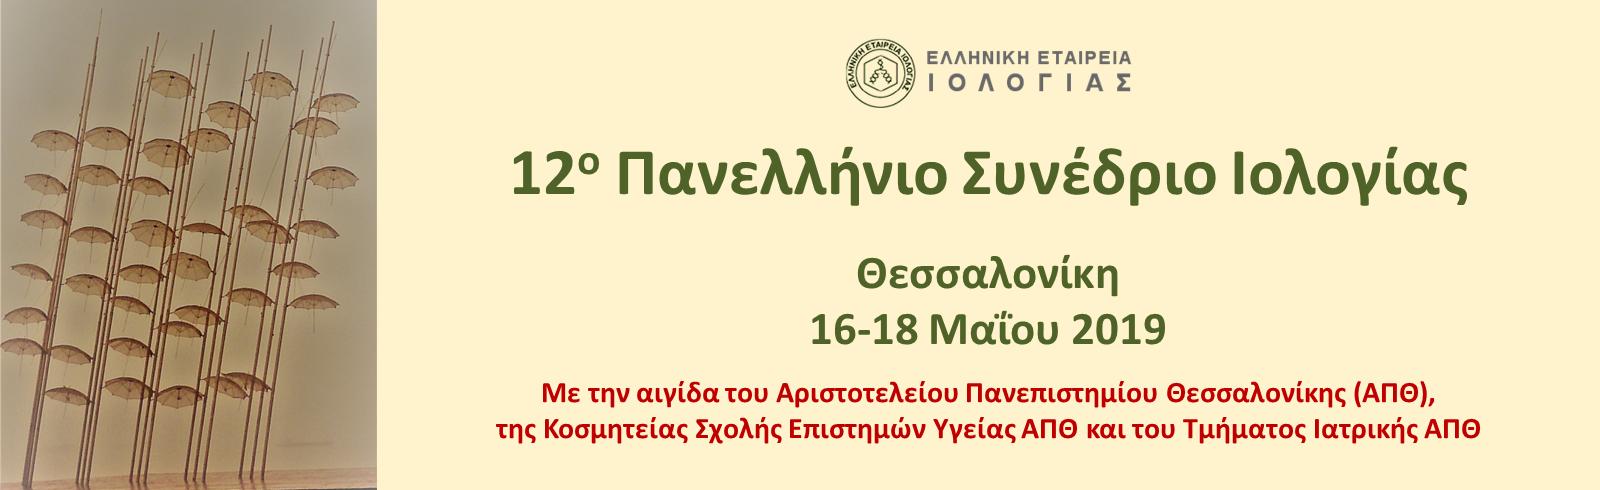 12° Πανελλήνιο Συνέδριο Ιολογίας - banner